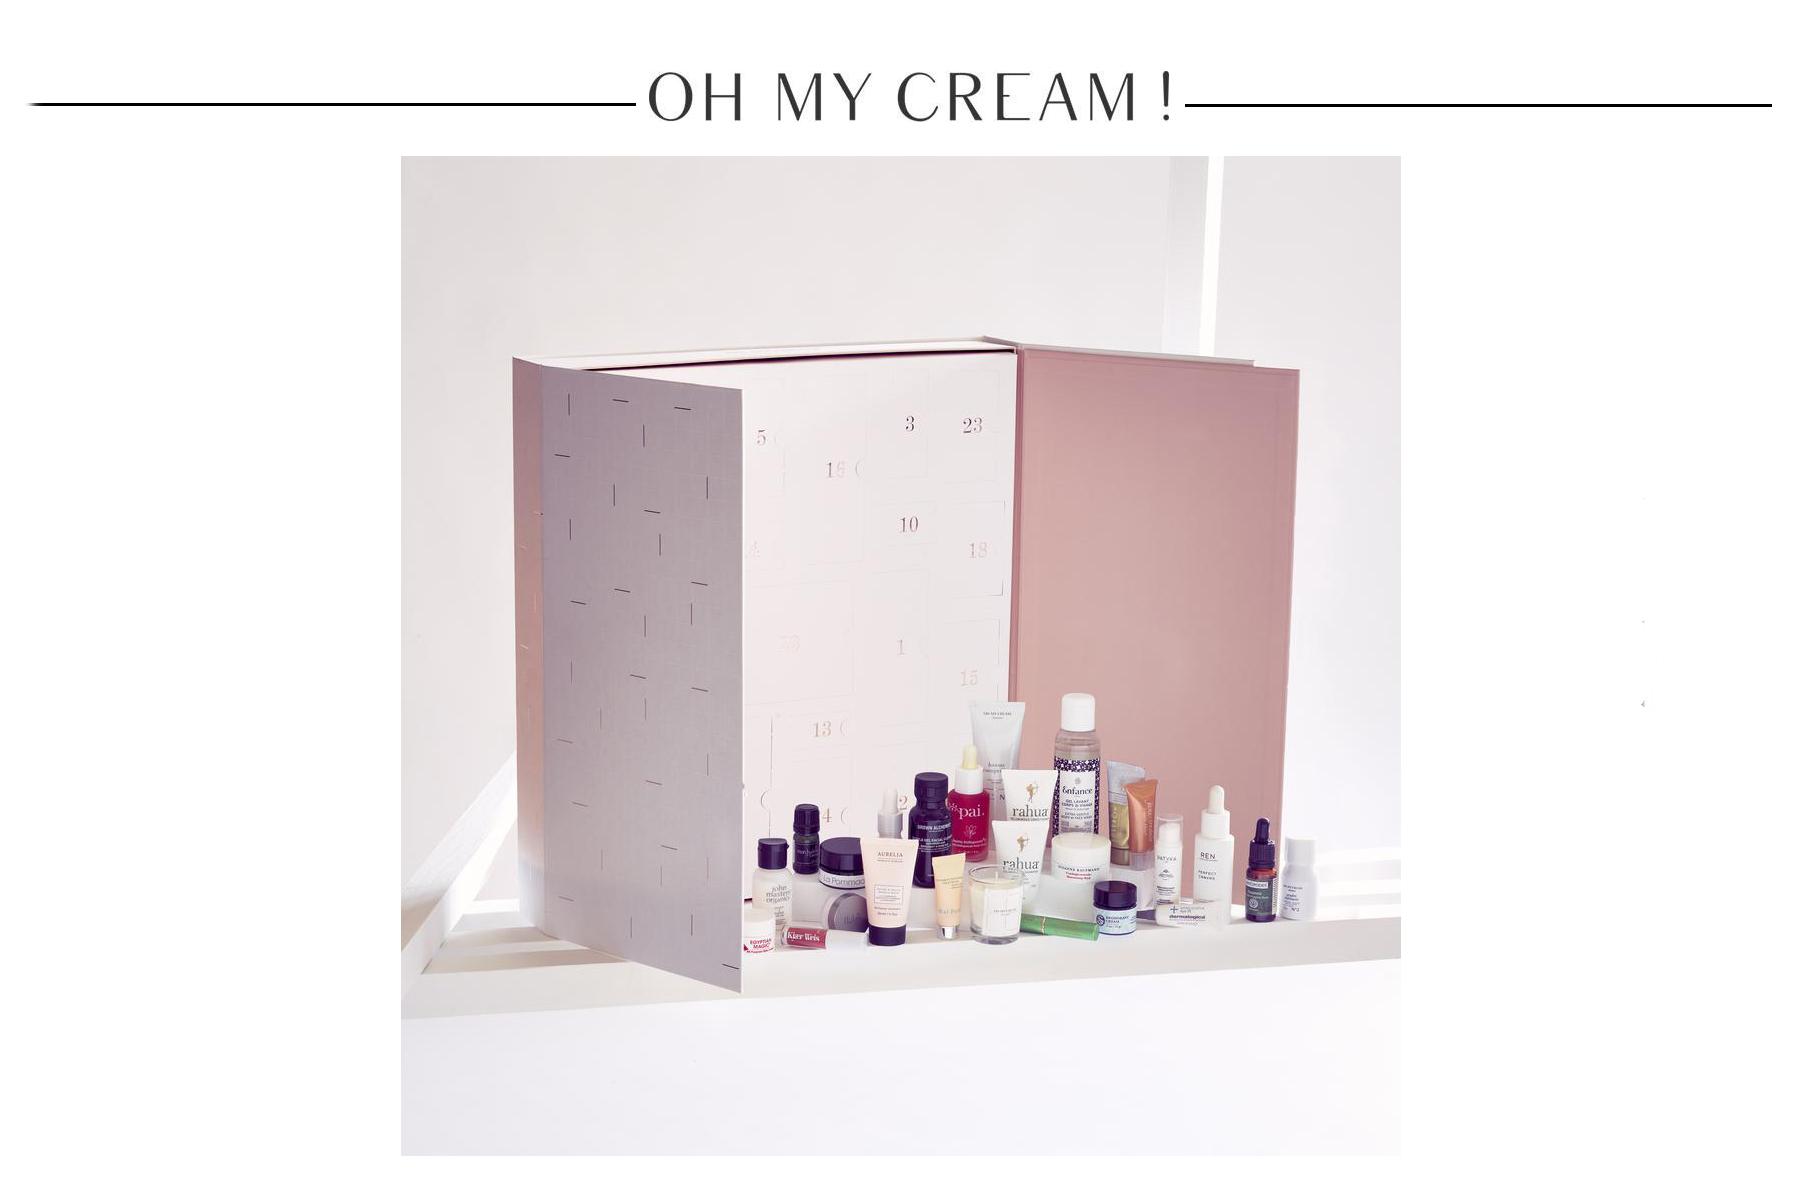 calendrier-avent-oh-my-cream-2018-contenu